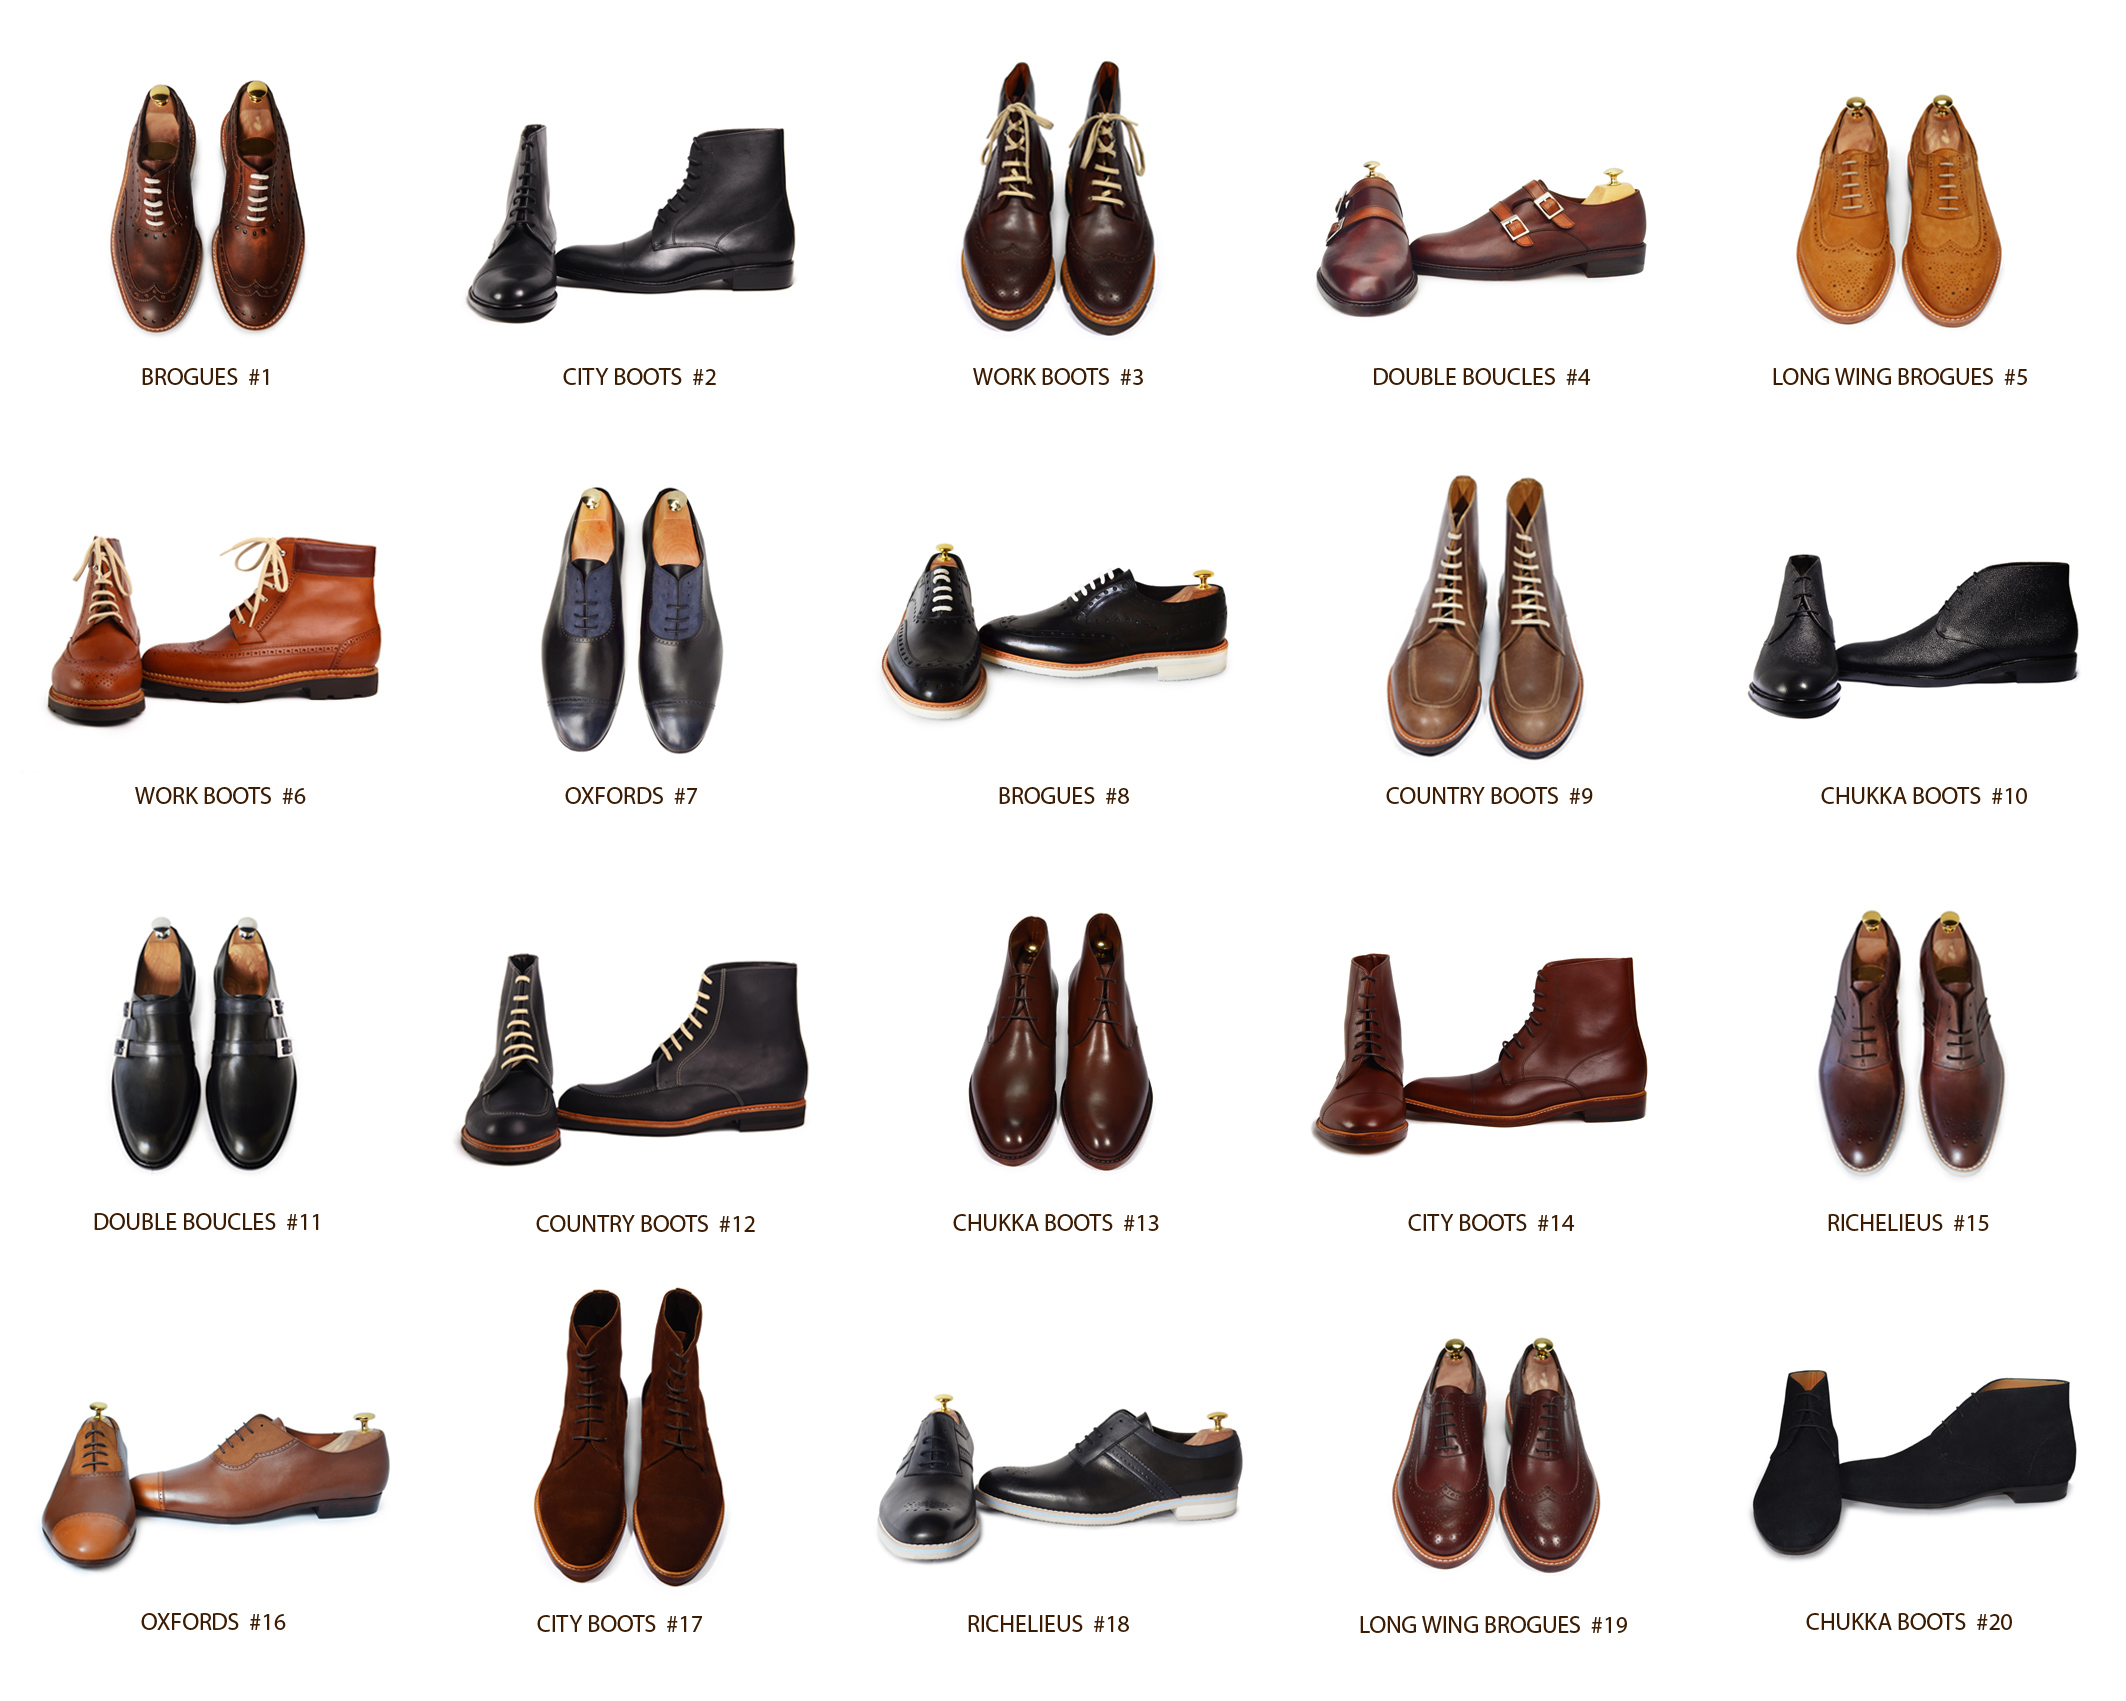 Aujourd'hui l'homme moderne dispose d'un large choix de chaussure pour tous les styles